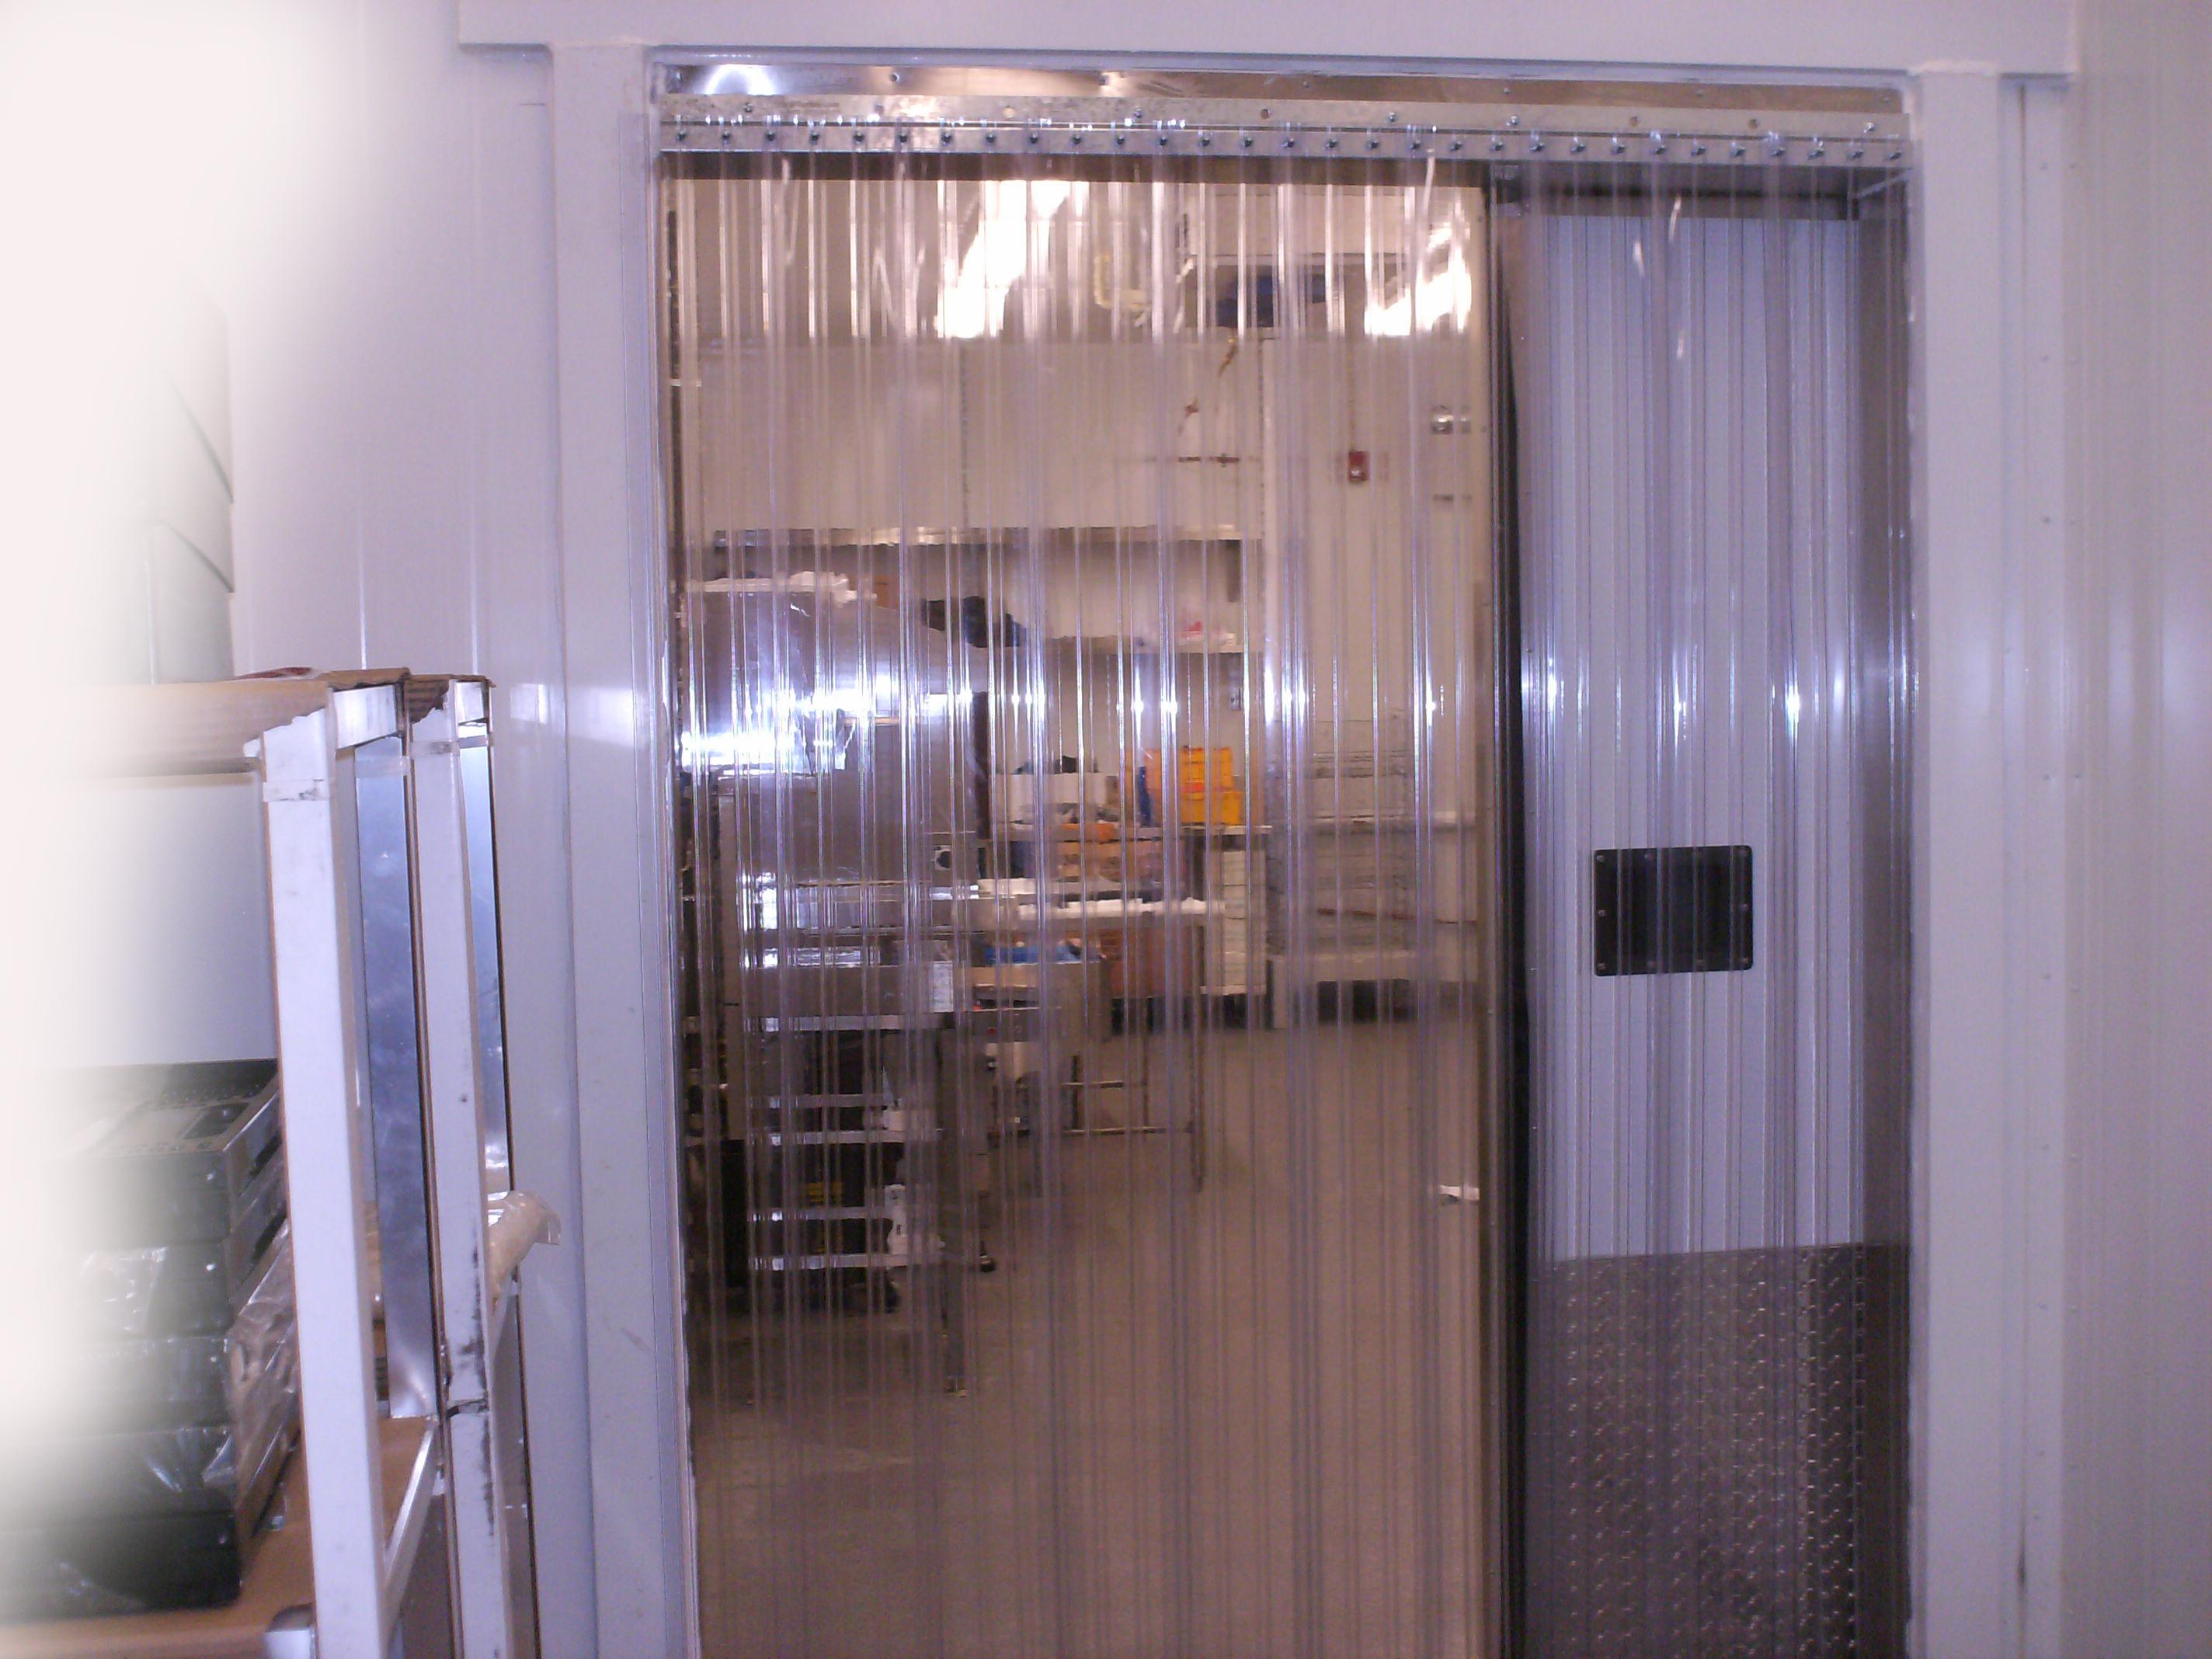 2136 #755850 Vinyl Strip Door Curtain 48 034 X 80 034 Cooler Freezer Ribbed Heavy  image Ebay Entry Doors 41532848